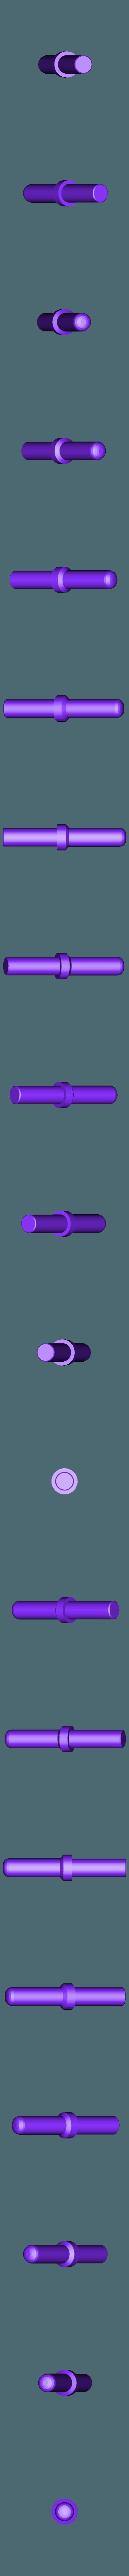 09_Kurbel02.obj Télécharger fichier OBJ gratuit Nemoriko's : Petite chenille hétéroclite • Objet pour imprimante 3D, Nemoriko